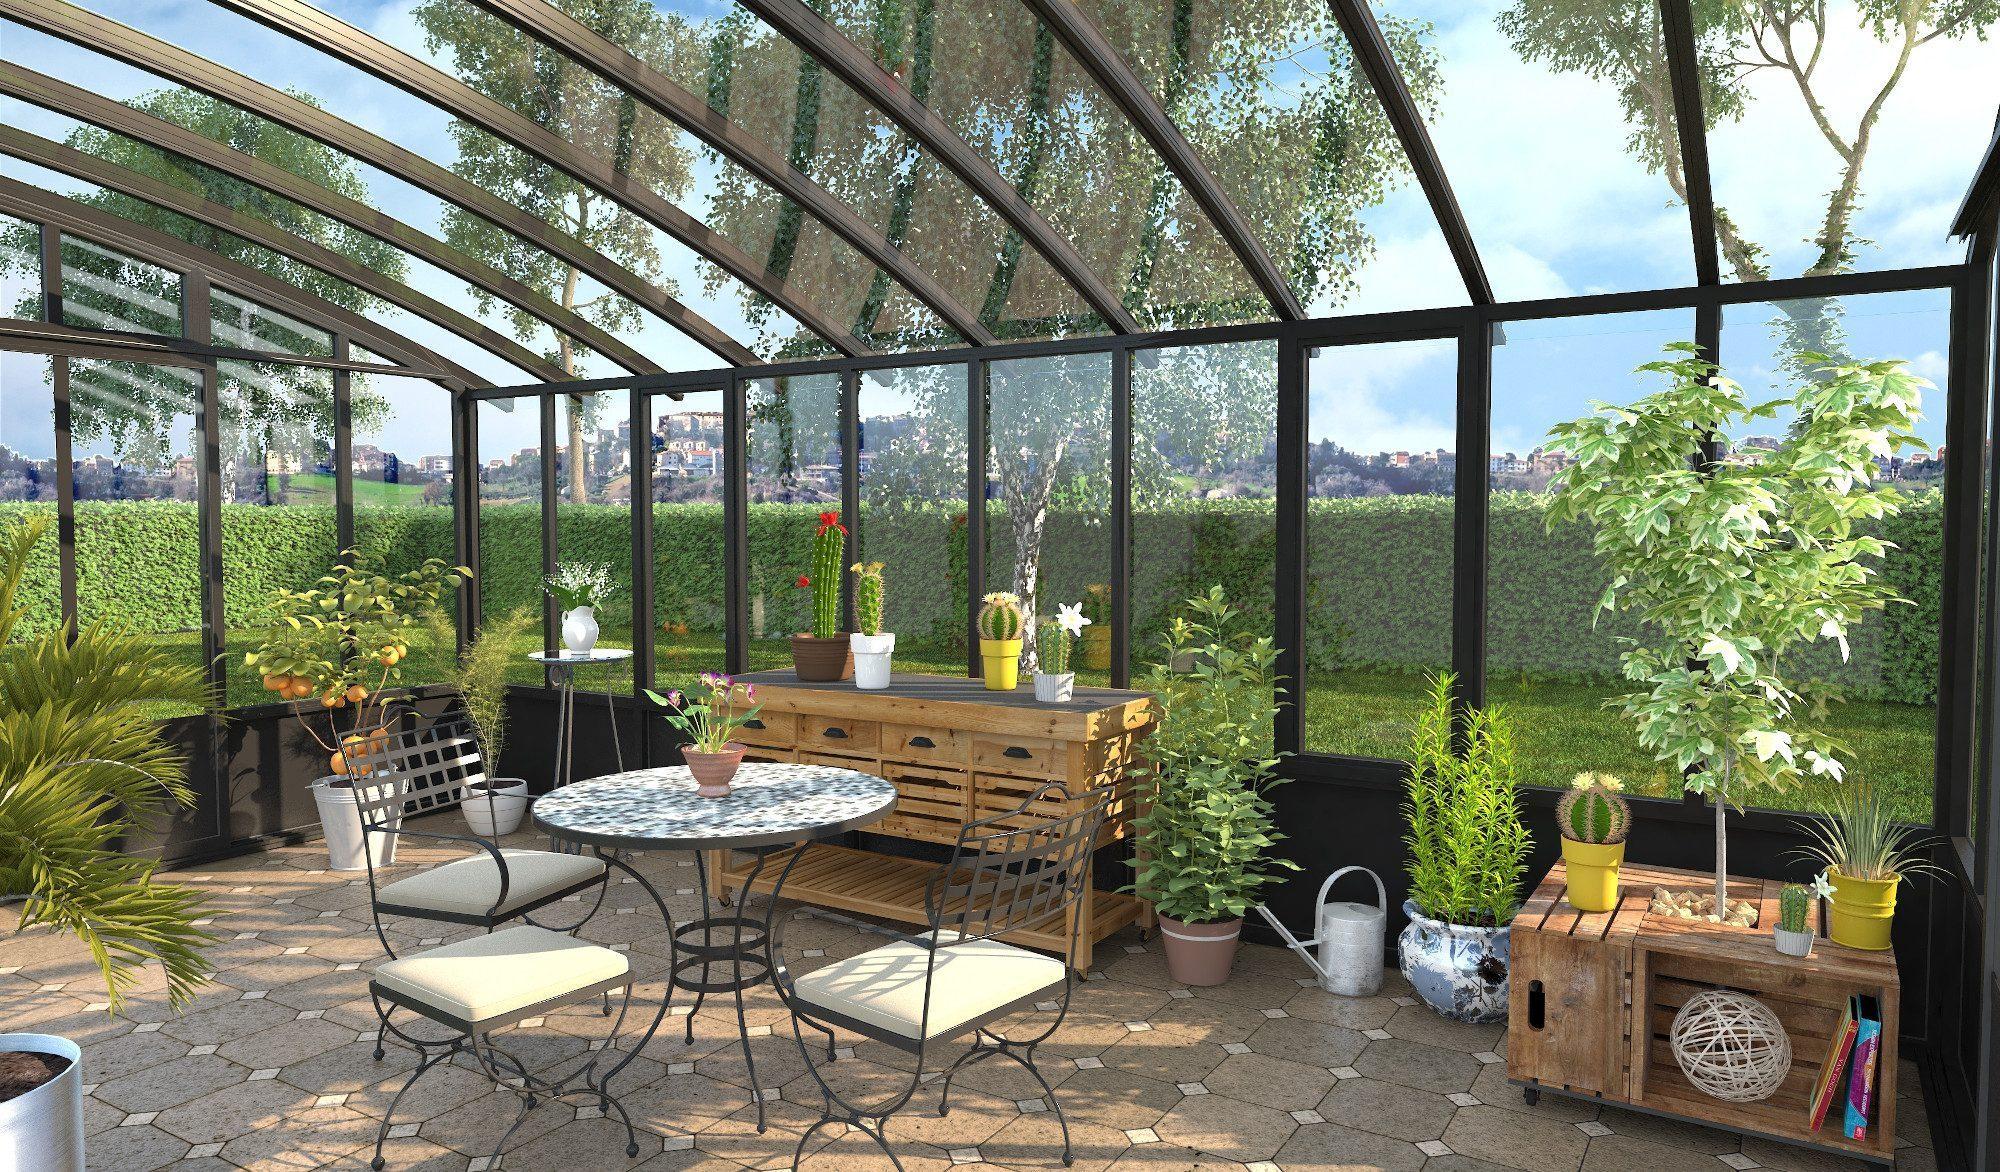 Vérandas Jardin D'hiver - Ad Diffusion : Ad Diffusion pour Verriere Jardin